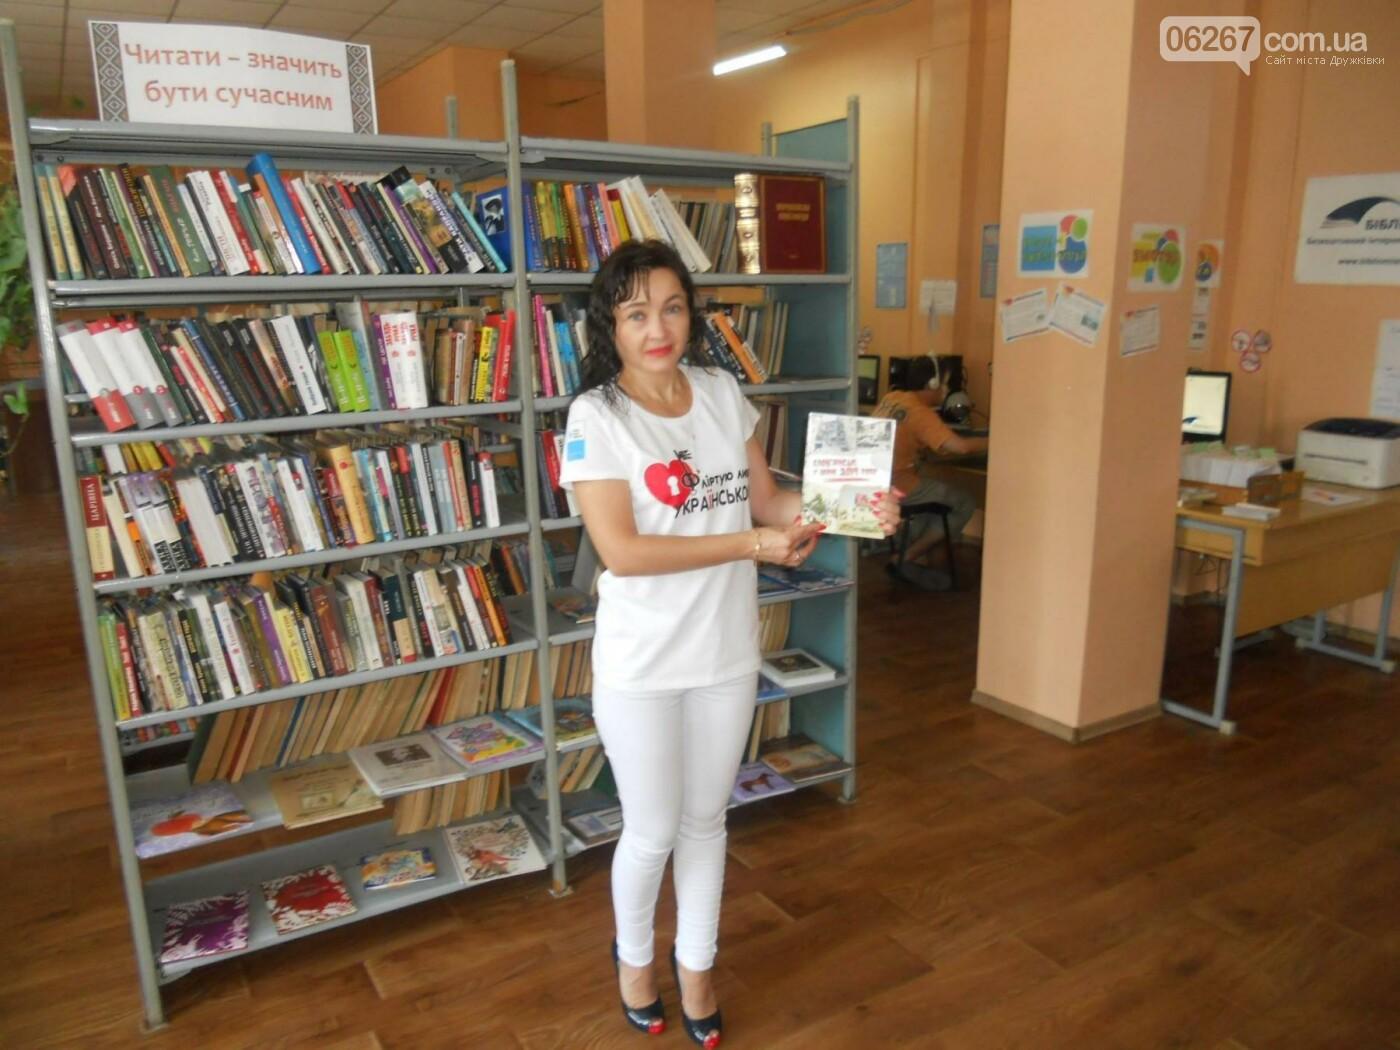 Занятия по углубленному изучению украинского языка возобновились в дружковской библиотеке, фото-2